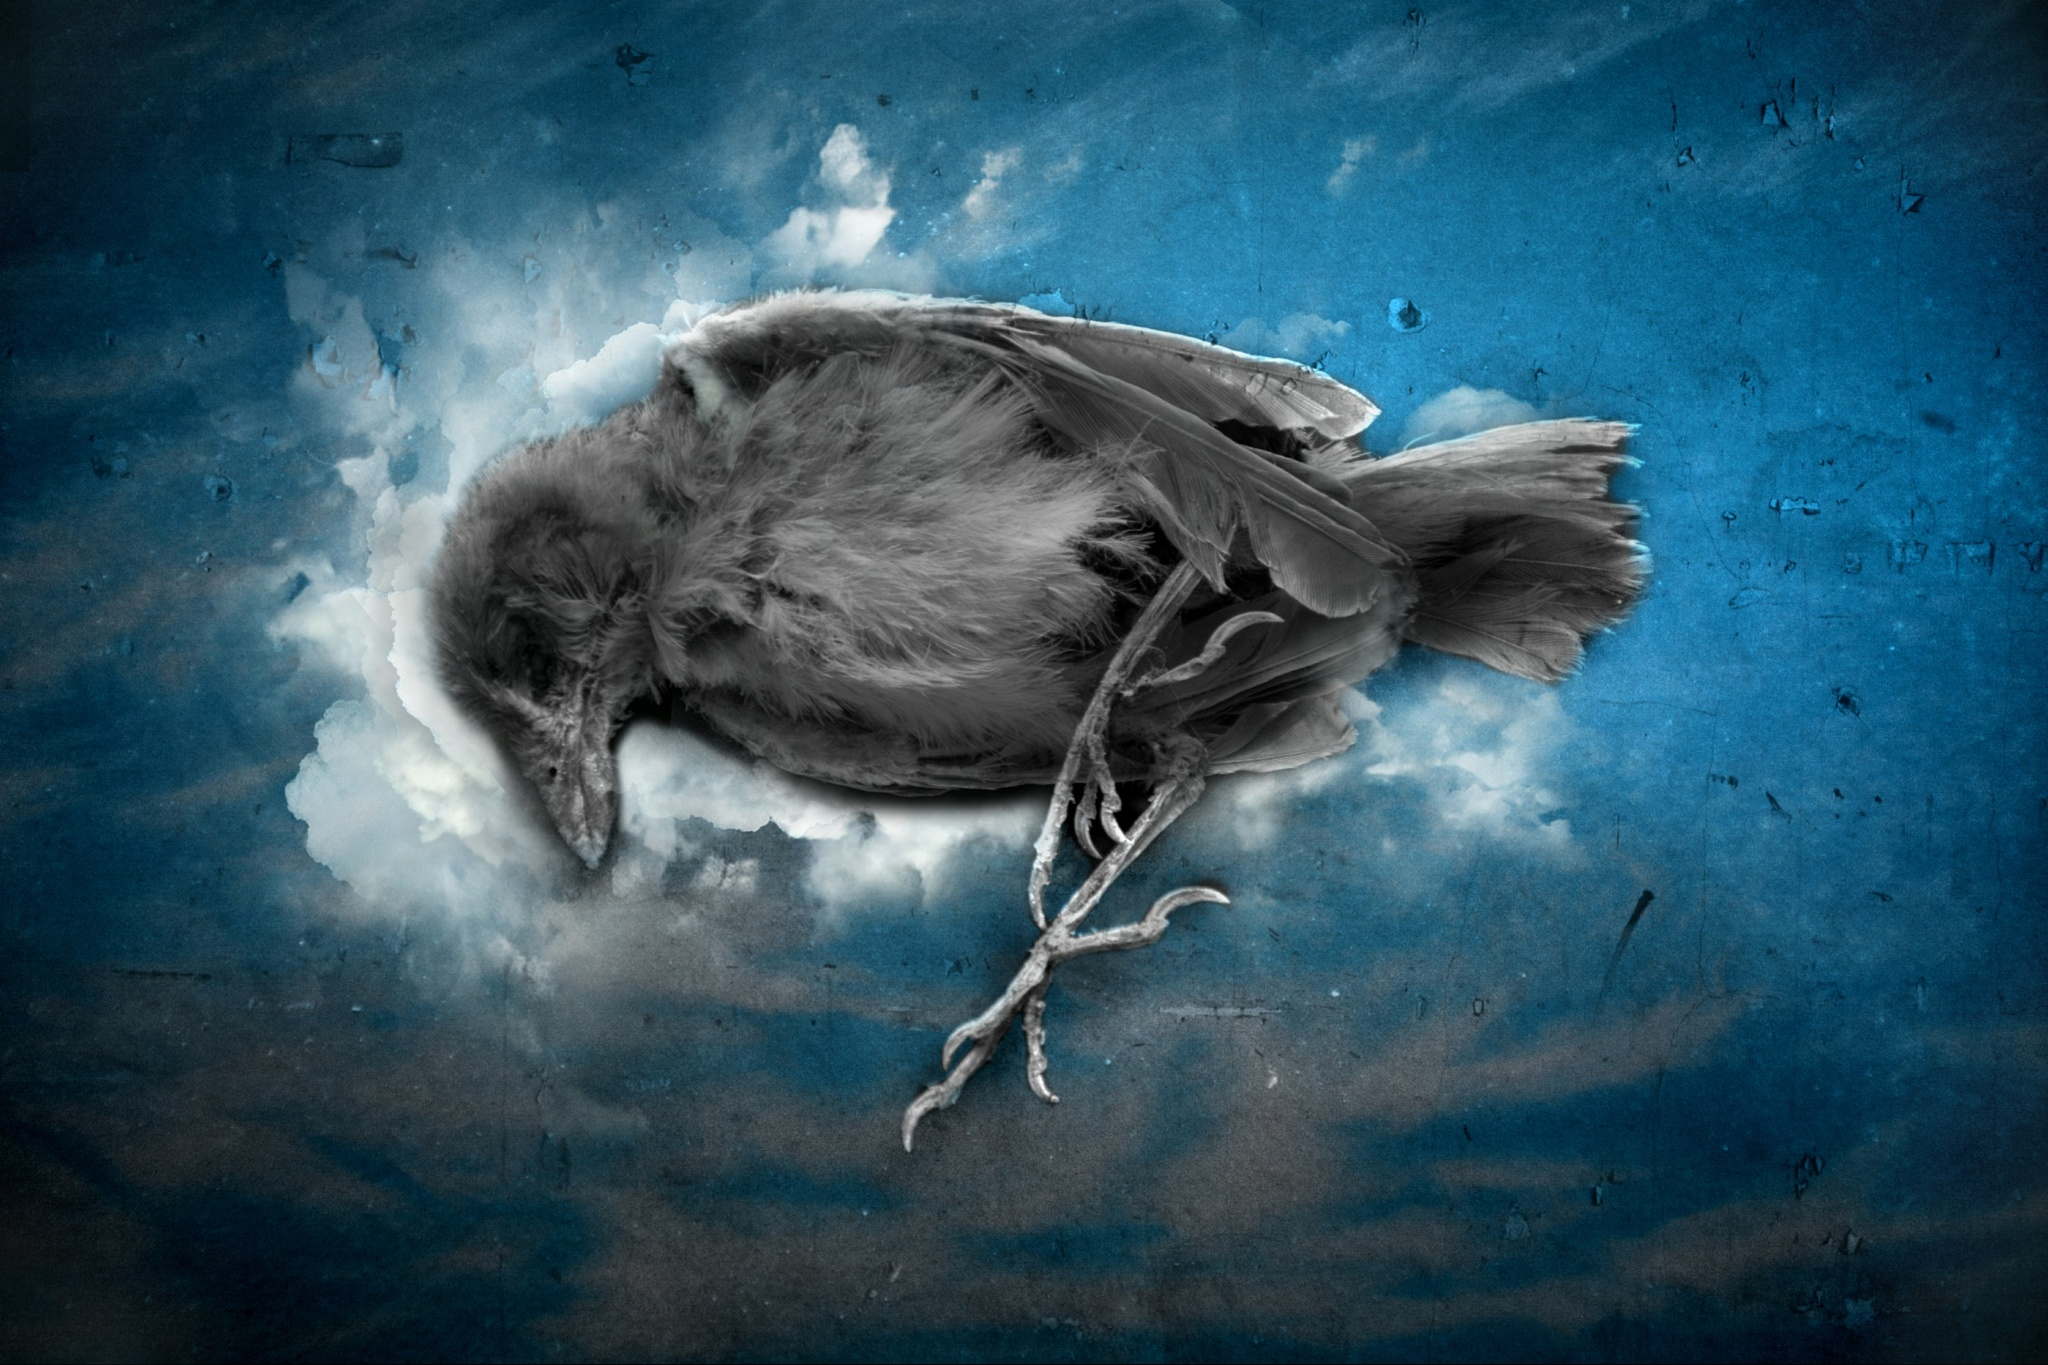 flying deep by Milad Eslamzadeh